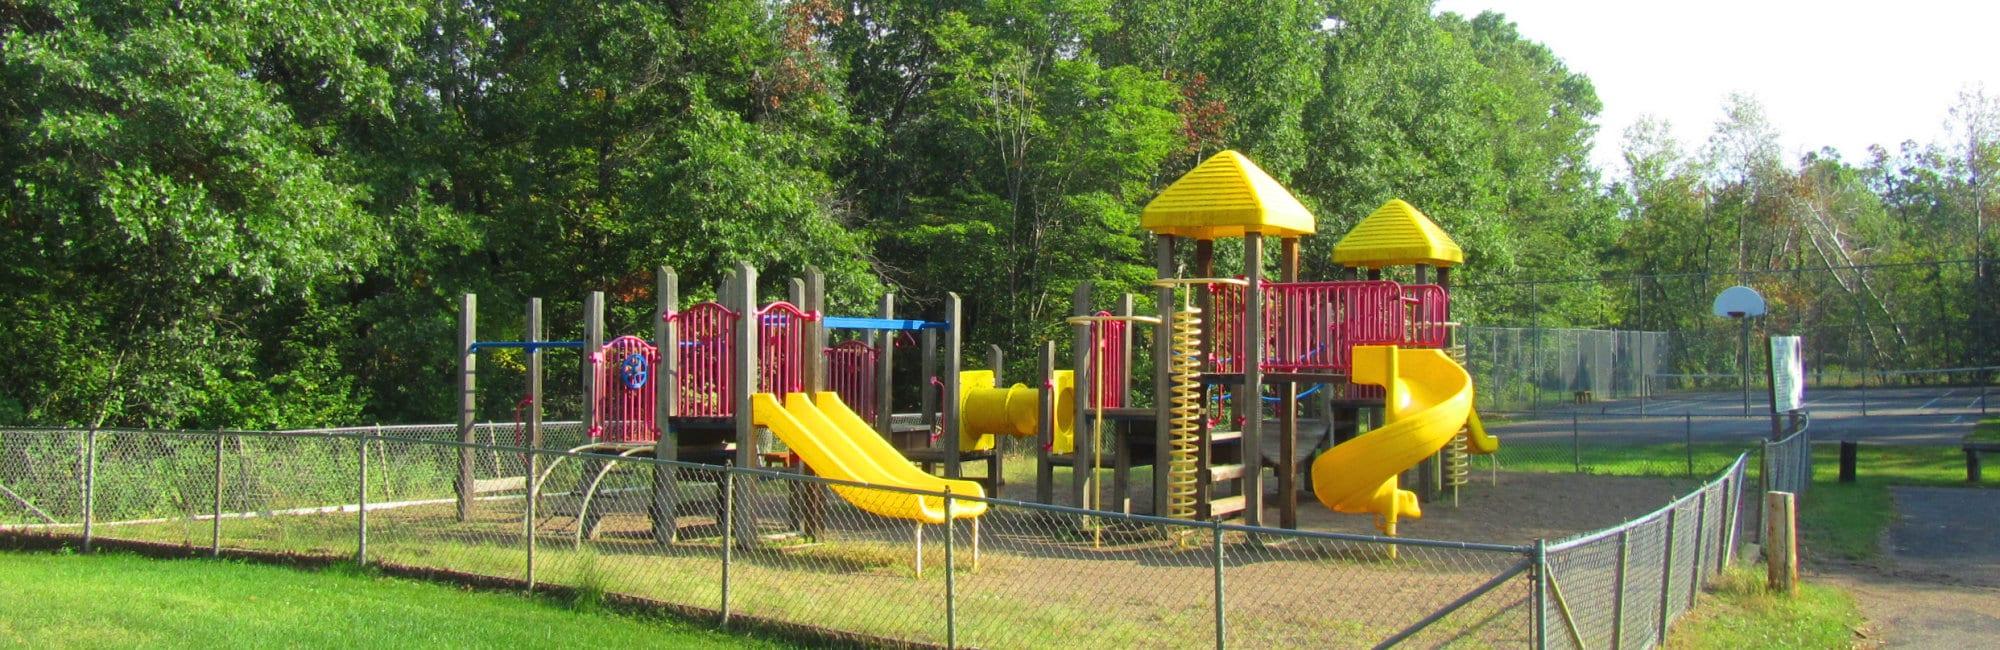 slide-merrifield-lions-park